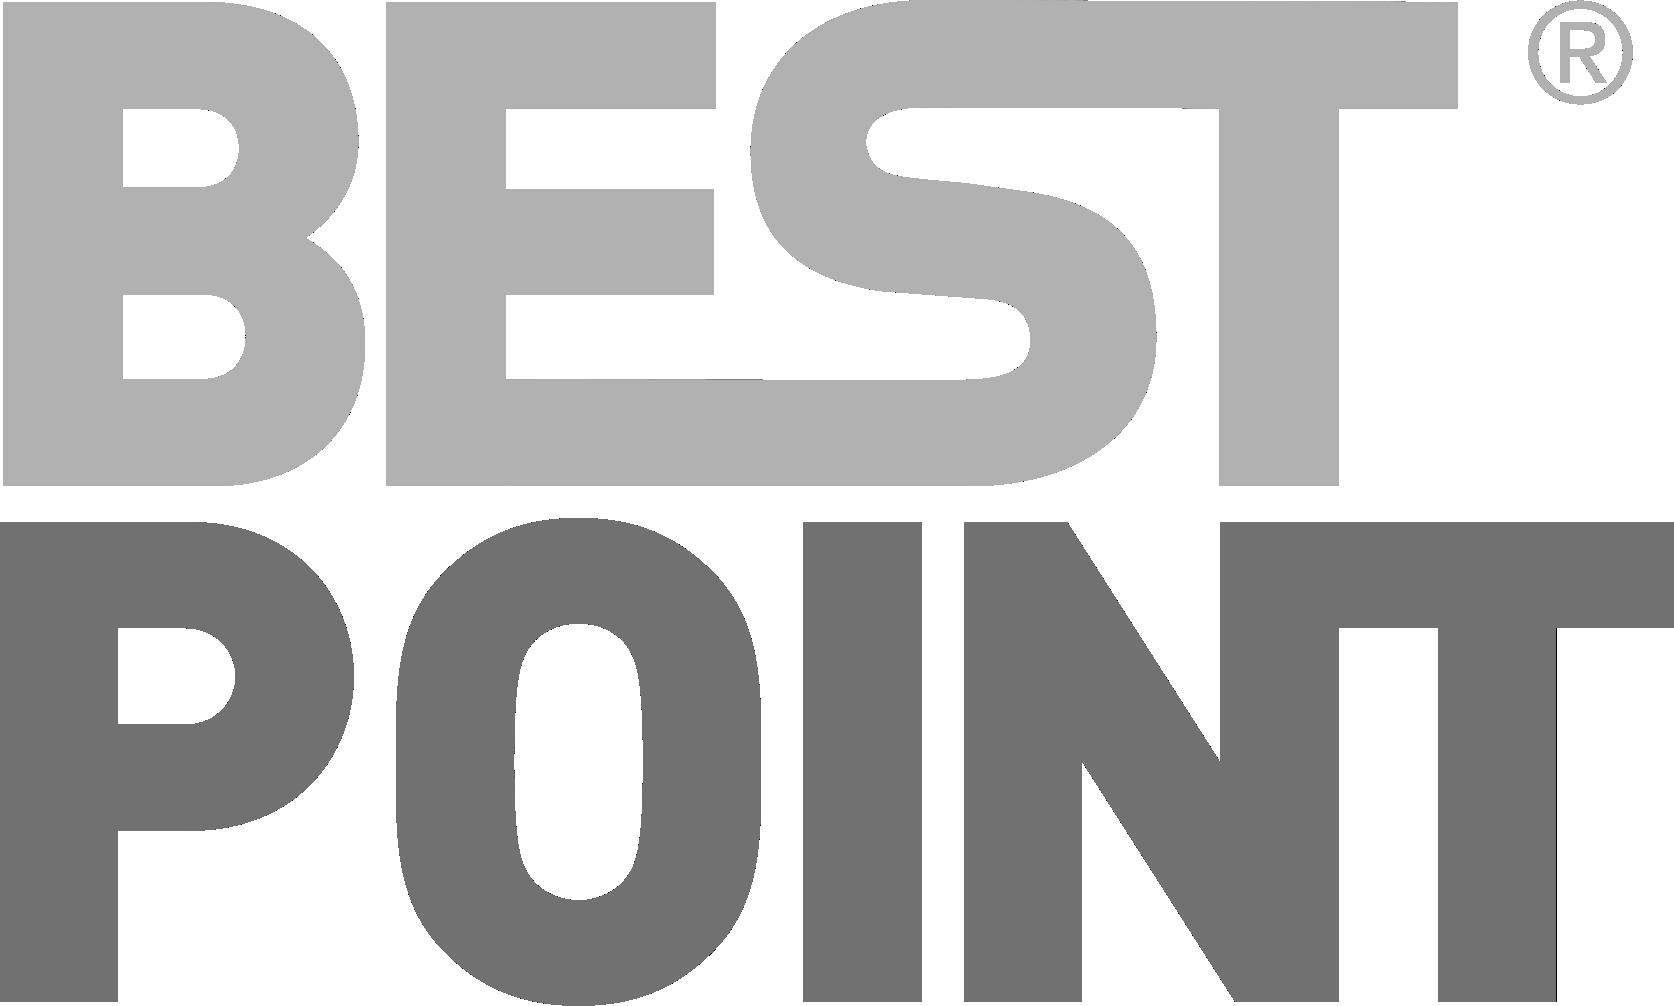 BEST POINT